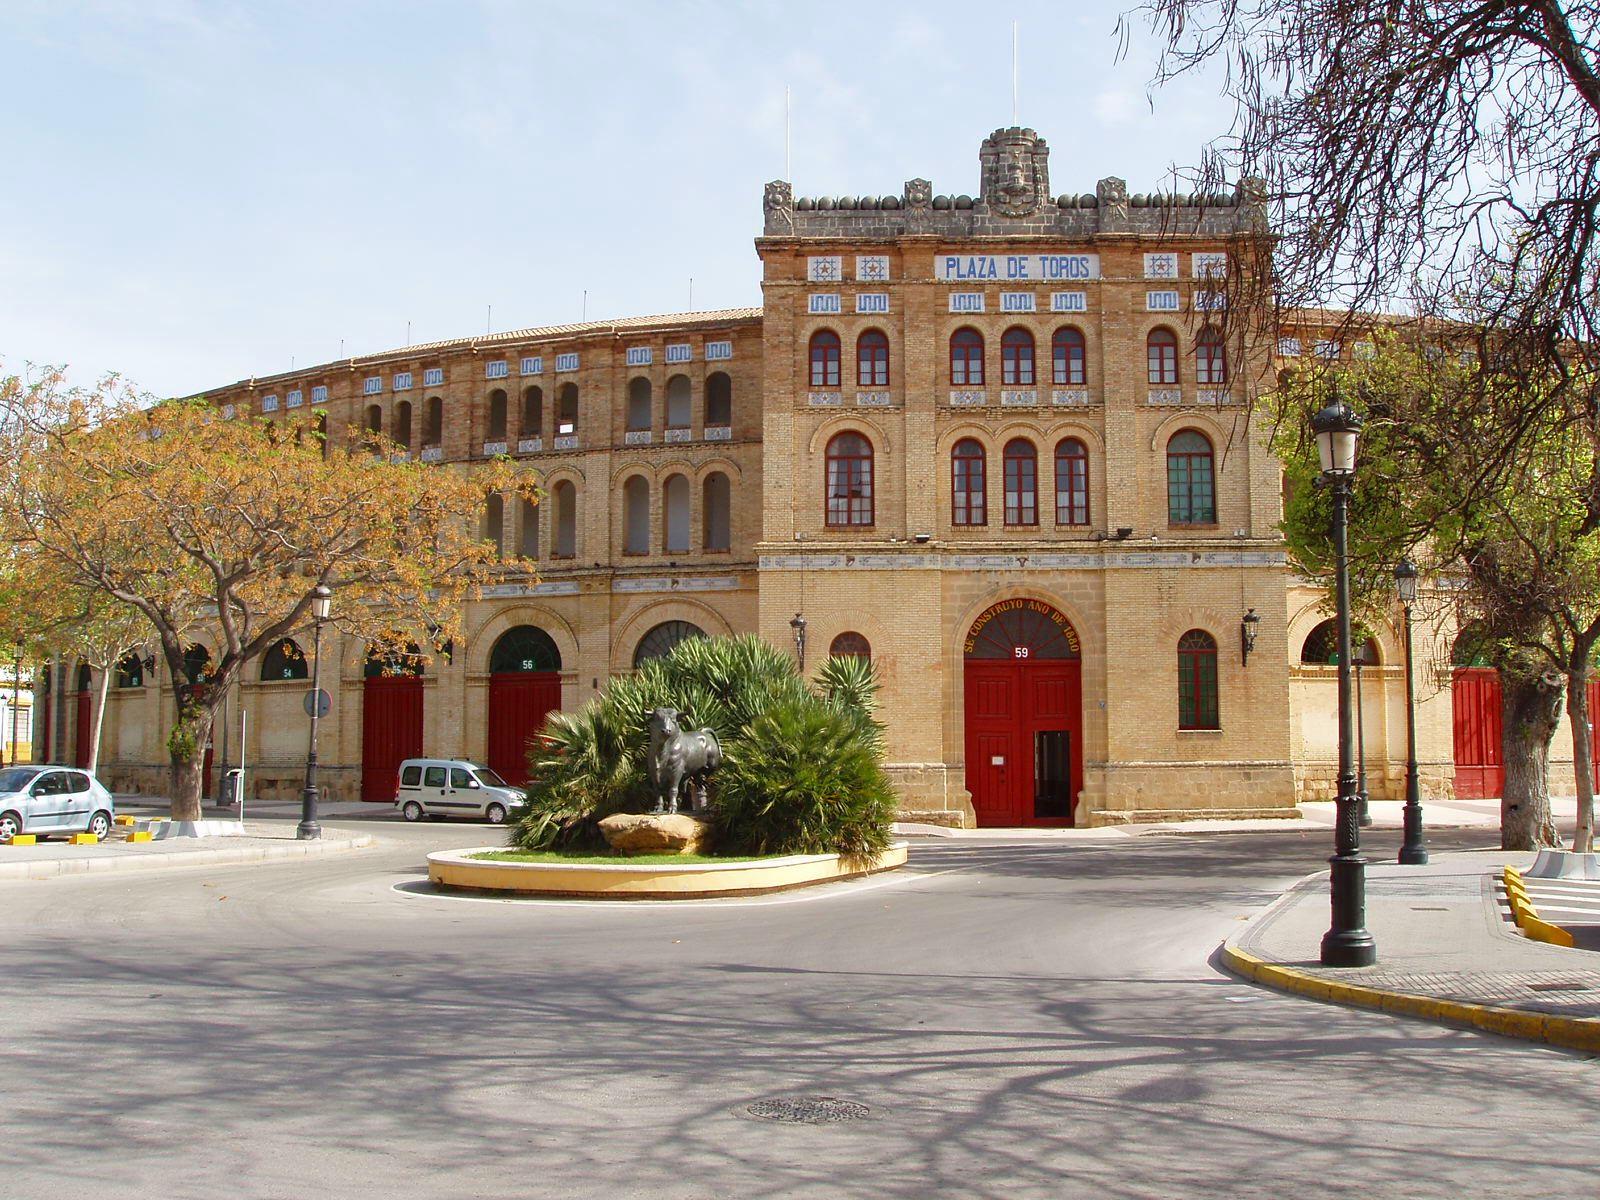 El Puerto de Santa Maria Spain  City pictures : Archivo:Plaza de Toros de El Puerto de Santa María 1 Wikipedia ...